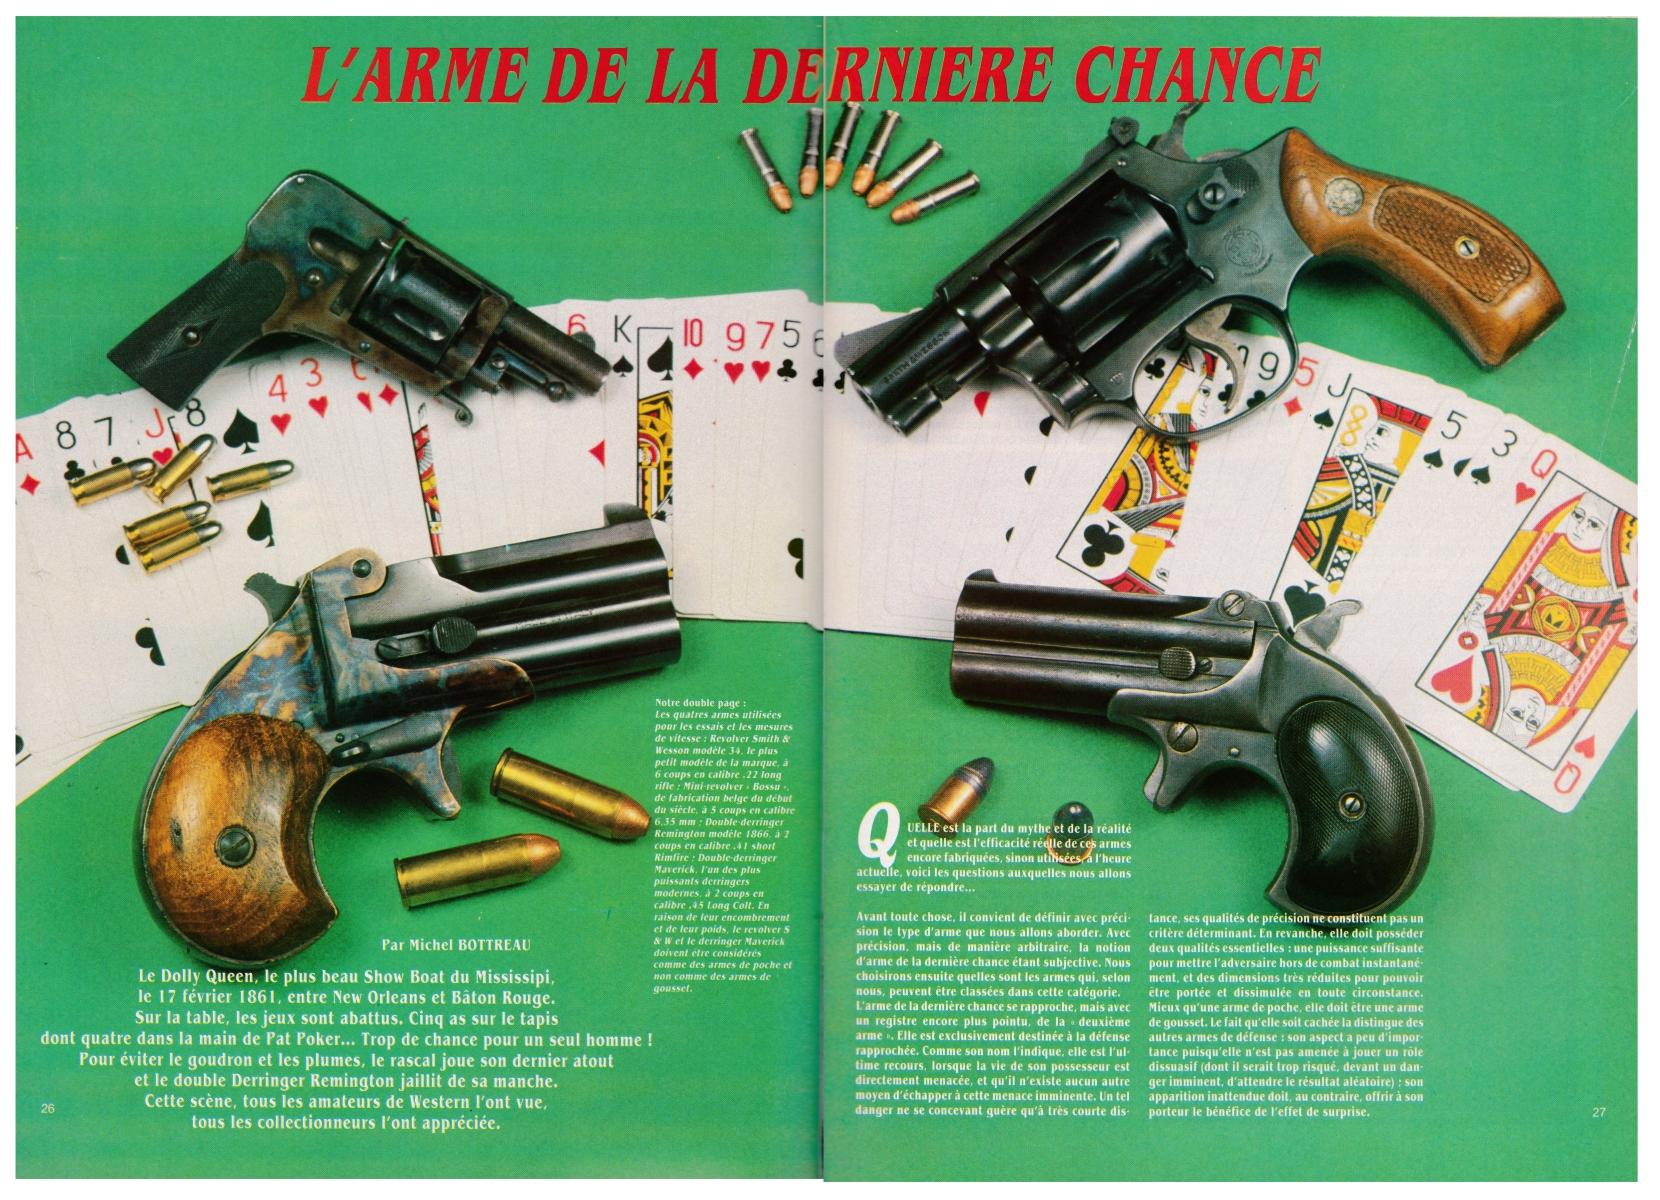 Les armes de la dernière chance_ouverture_small